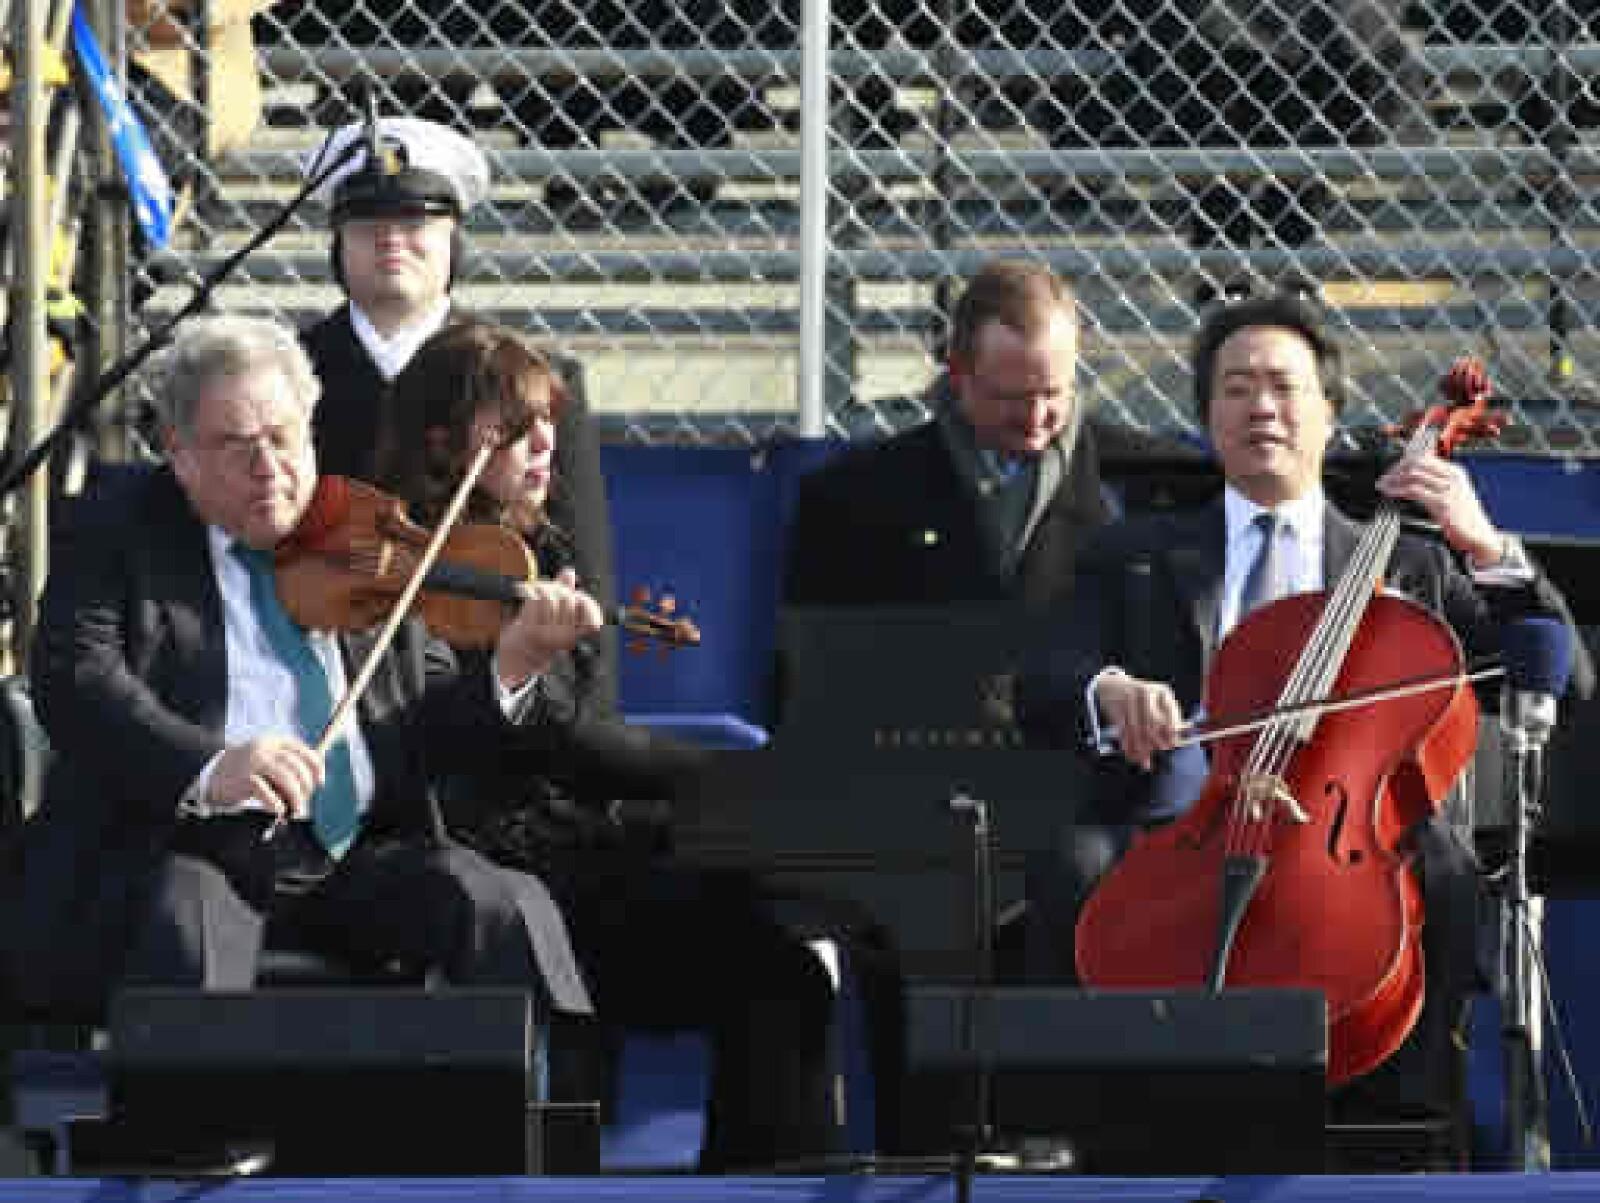 El violinista Itzhak Perlman y el chelista Yo-Yo Ma actuaron junto con el clarinetista Anthony McGill en la toma de protesta.